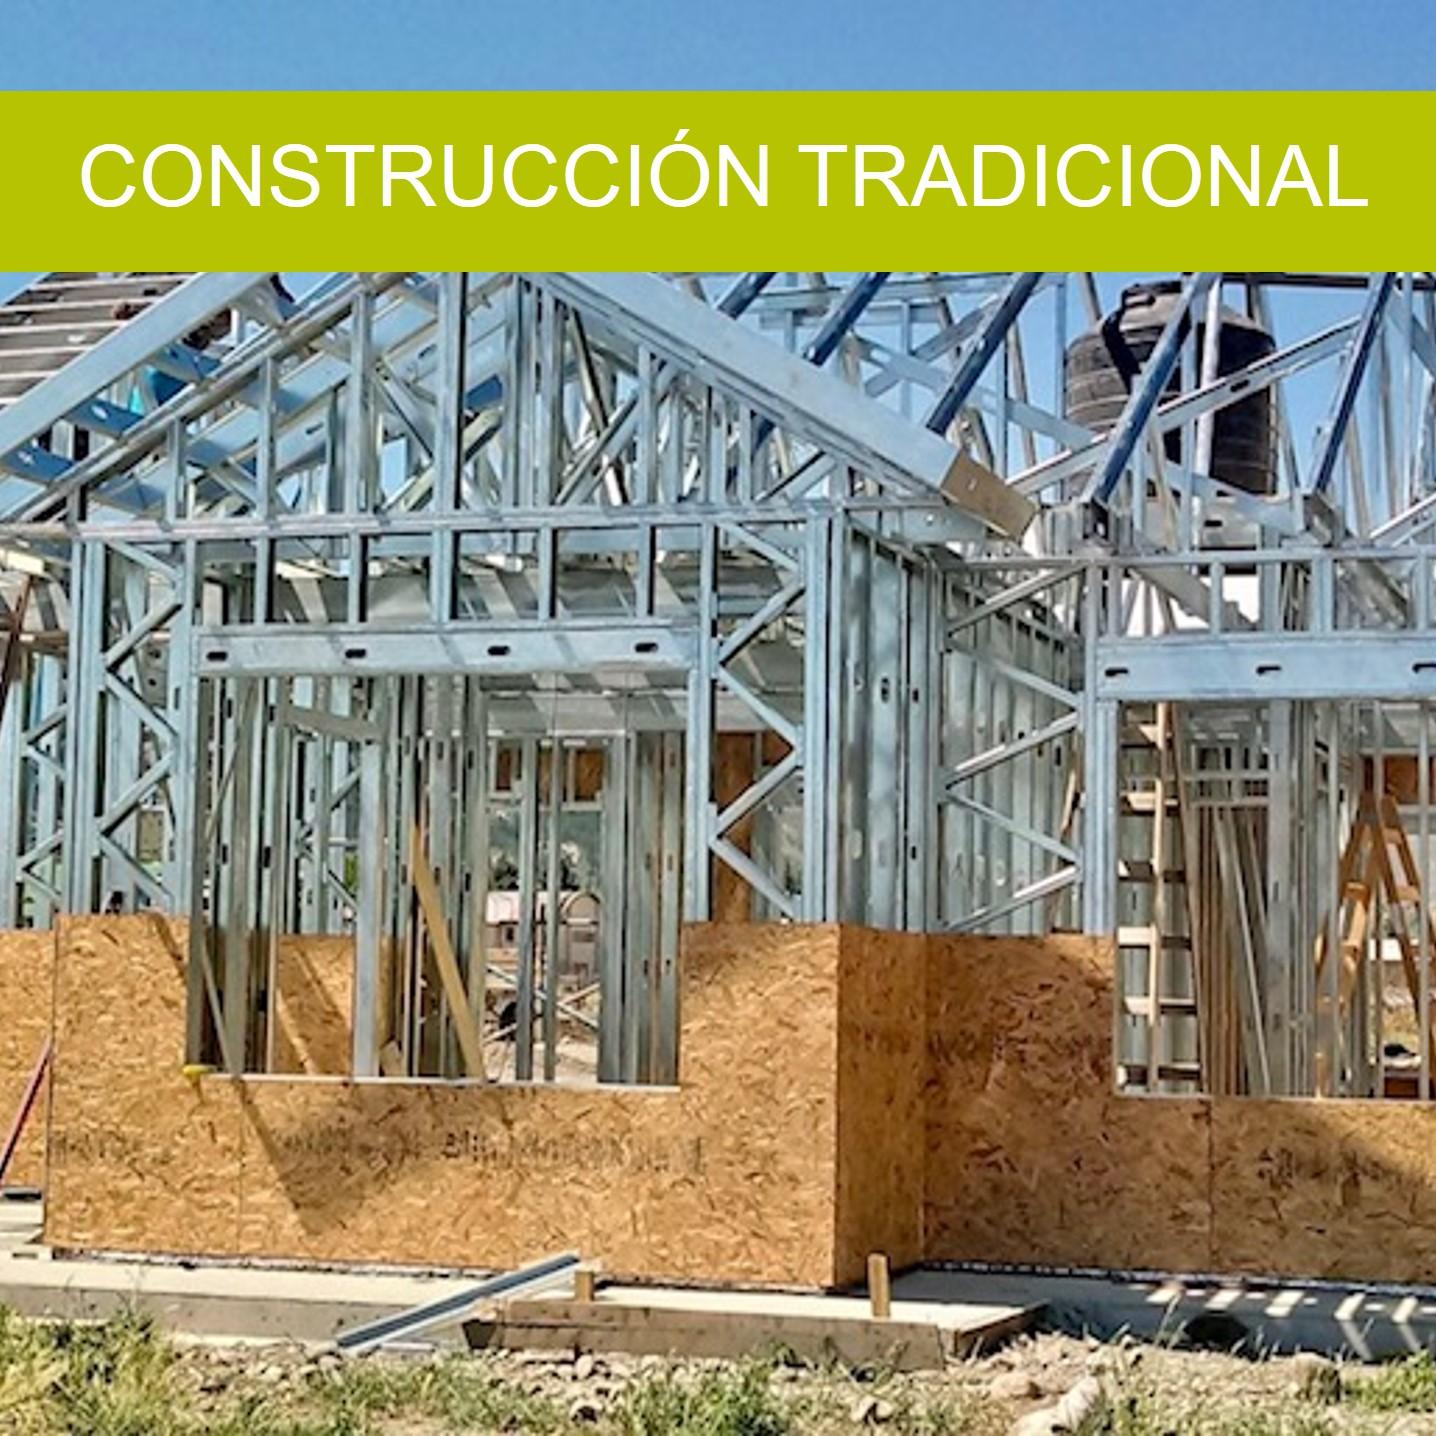 STEEL FRAMING ES UNA CONSTRUCCIÓN TRADICIONAL